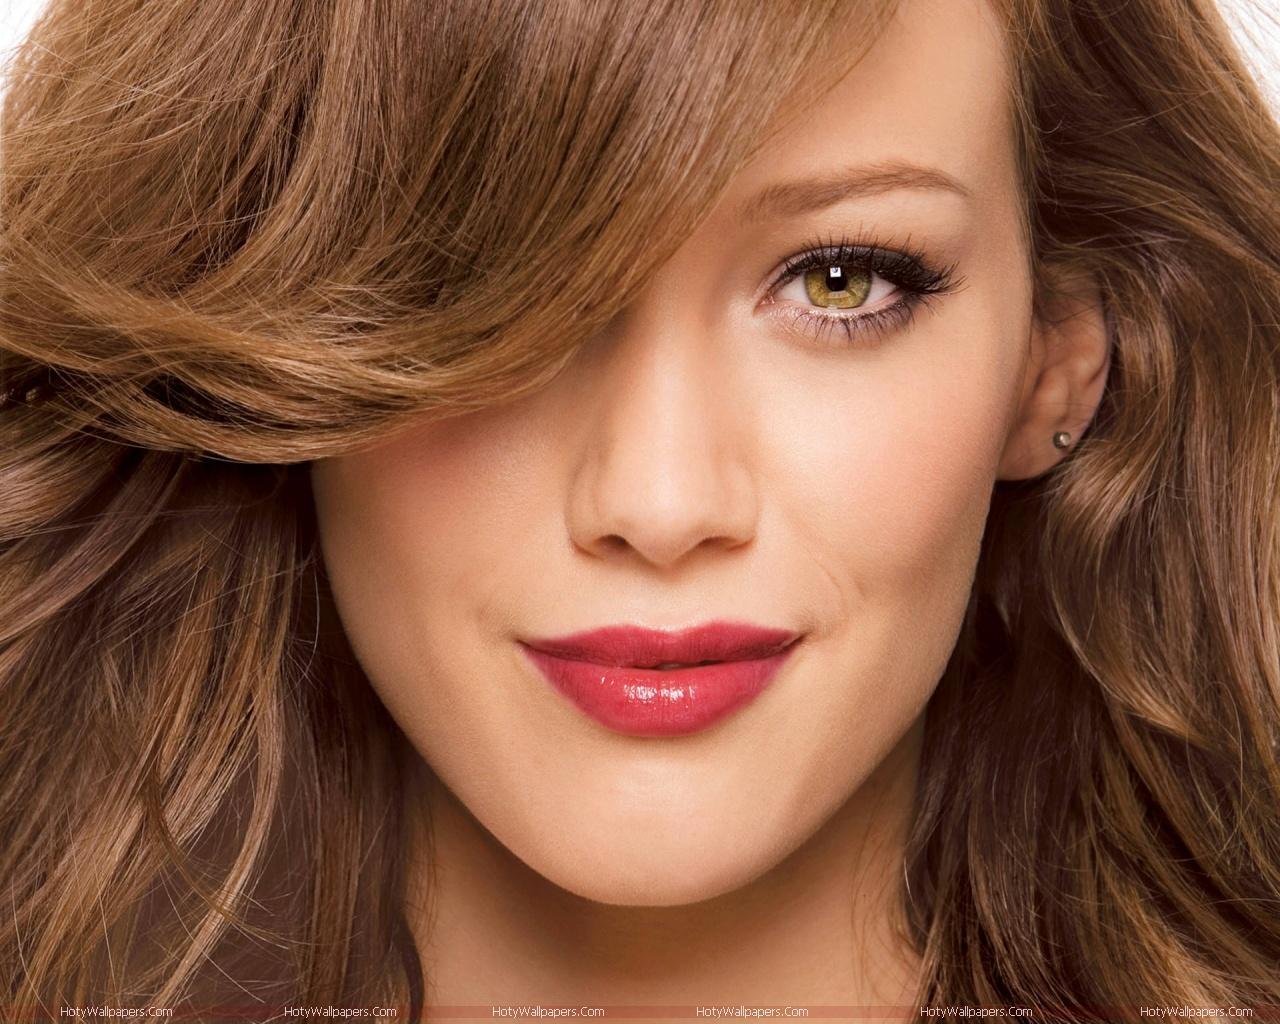 http://1.bp.blogspot.com/-kr4db-8LDTs/TmT0qSUpq6I/AAAAAAAAKVg/nPCLBmnq-aI/s1600/Hilary_Duff-hd-wallpaper.jpg